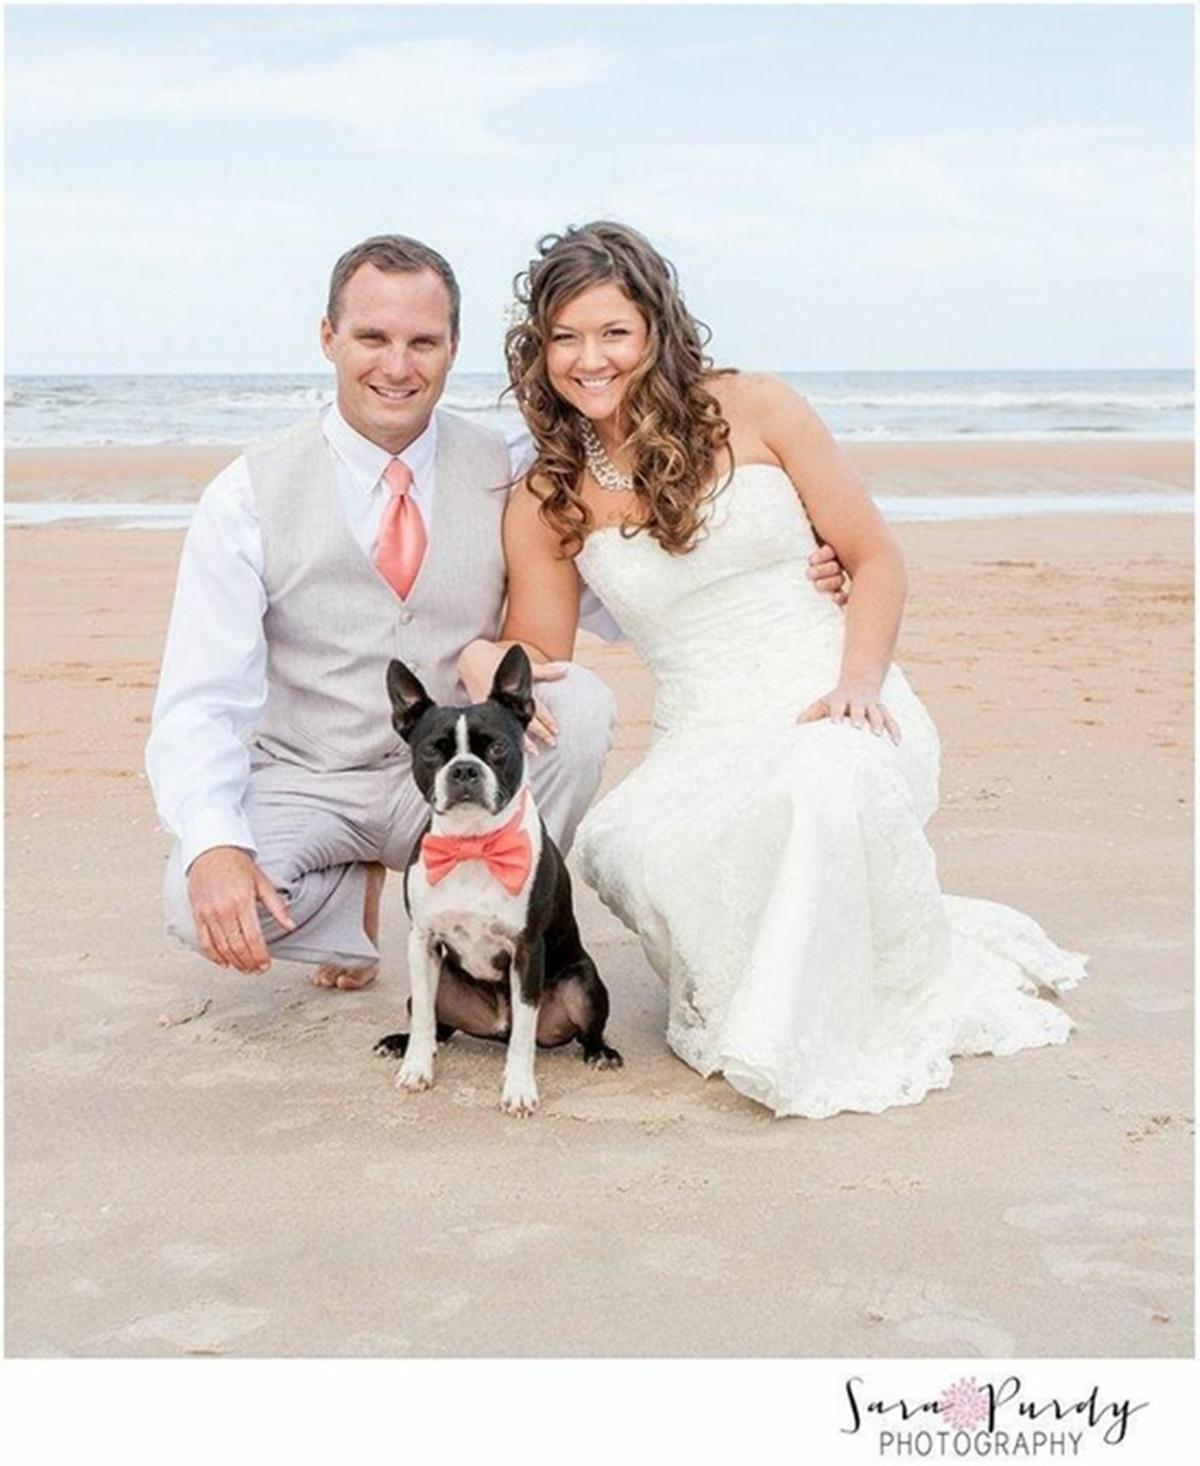 cane con sposi sulla spiaggia